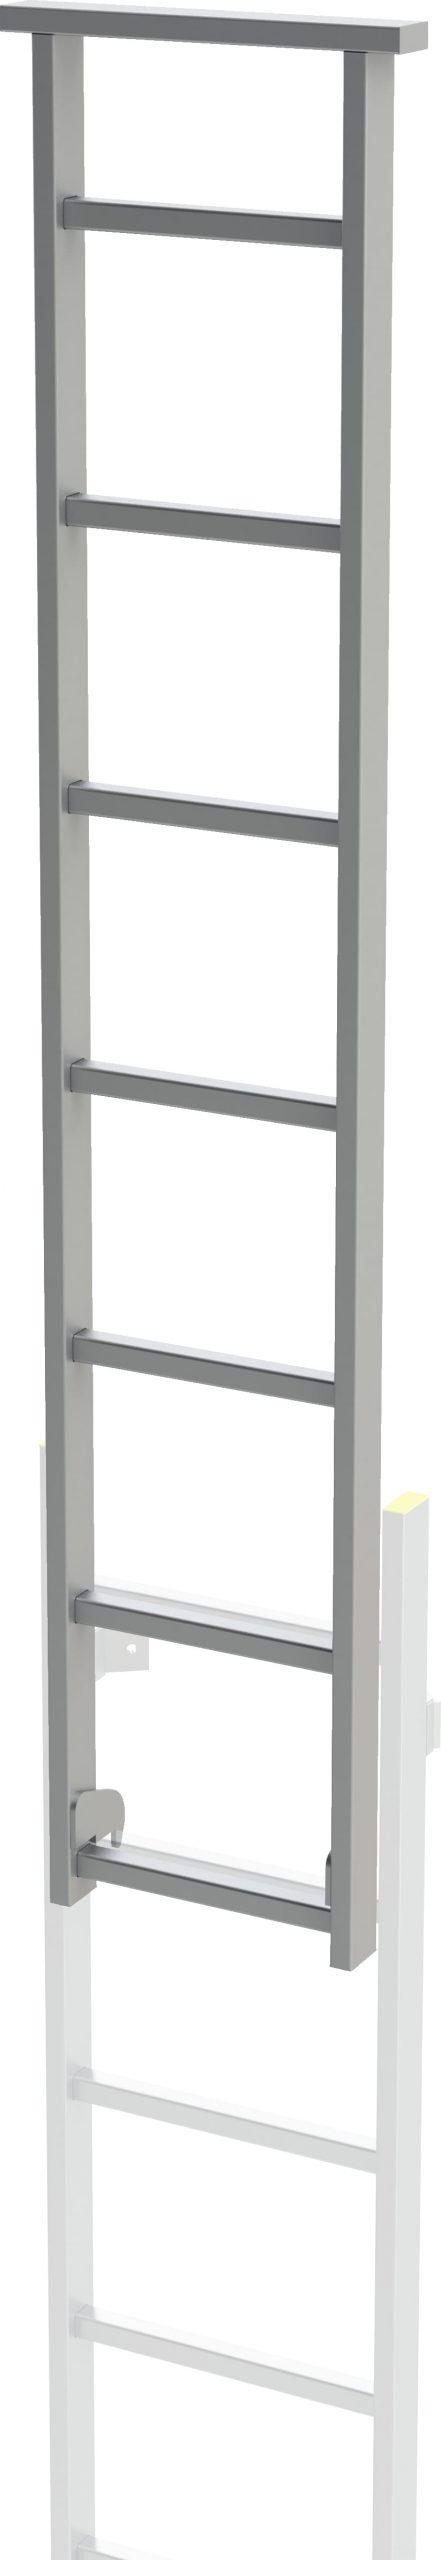 pomôcka vstupu - výsuvný diel pre šachtový rebrík